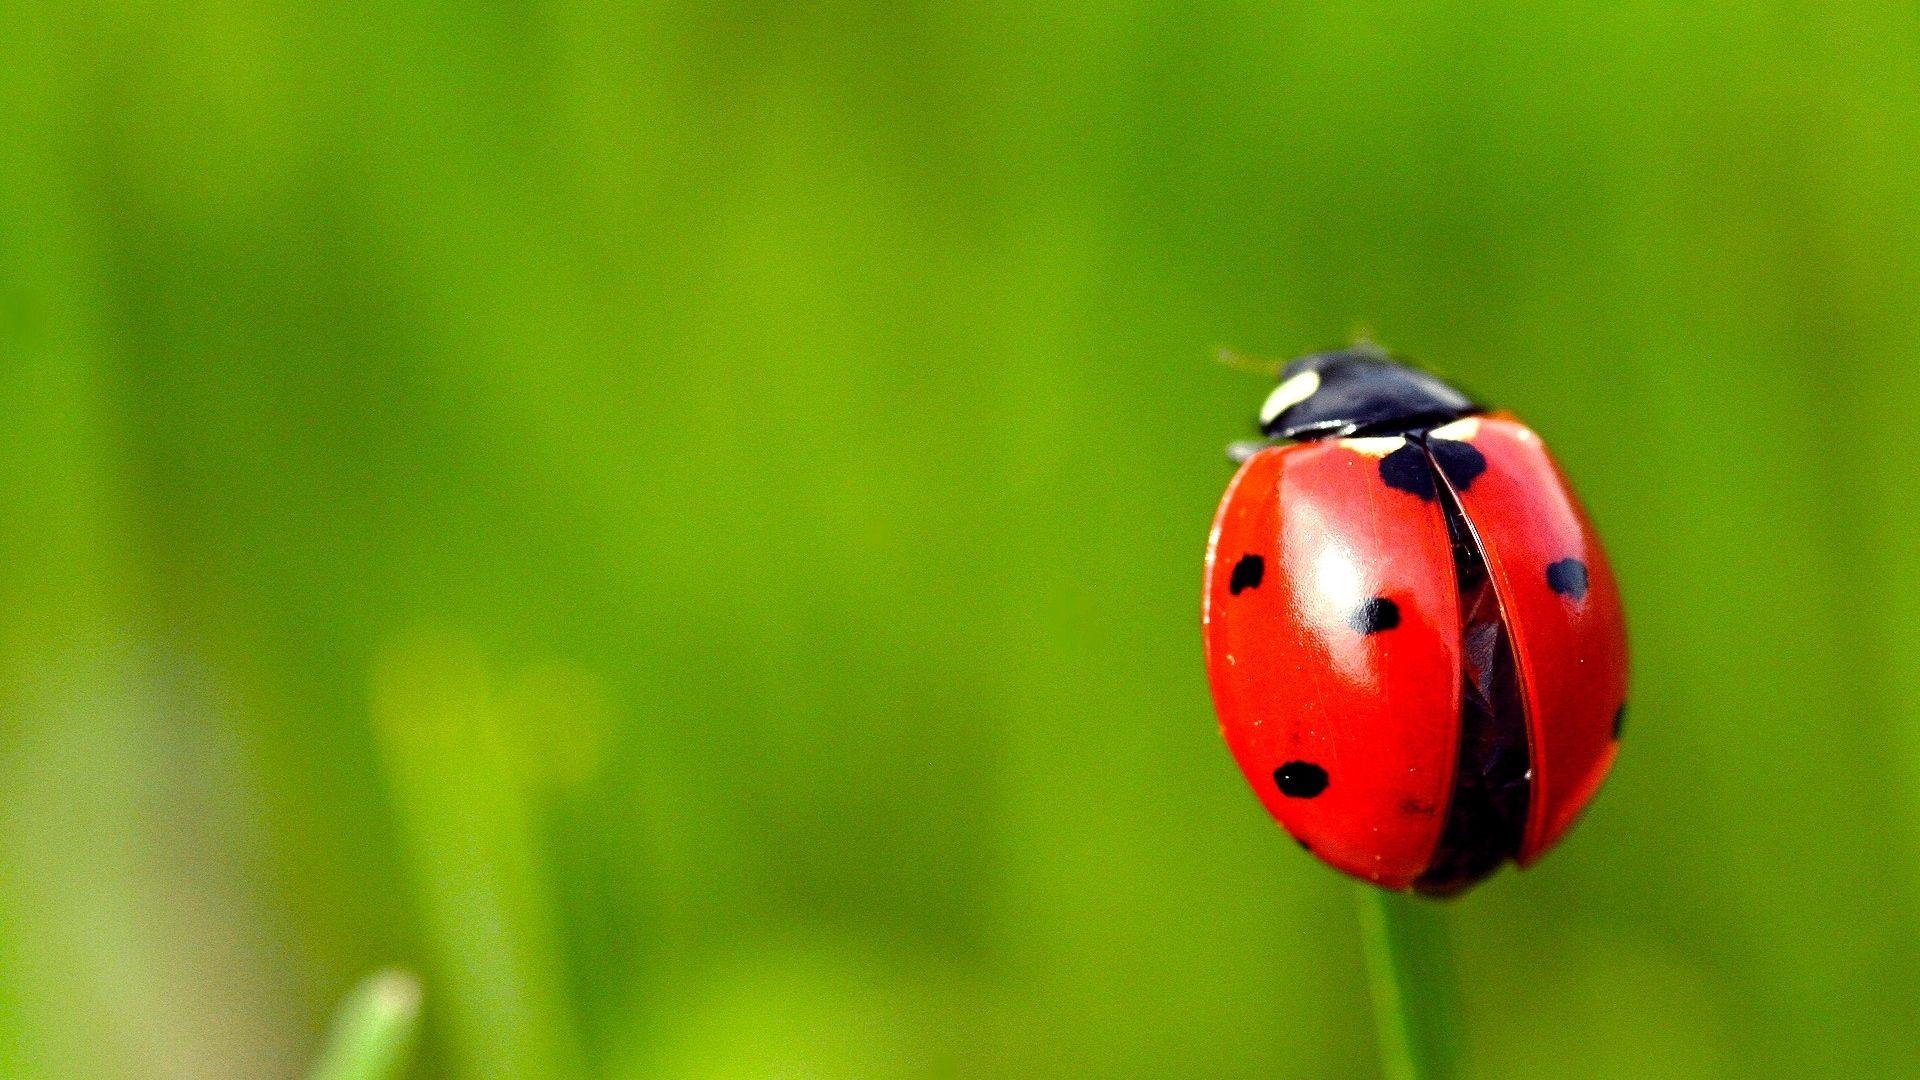 Wallpaper Ladybug 2